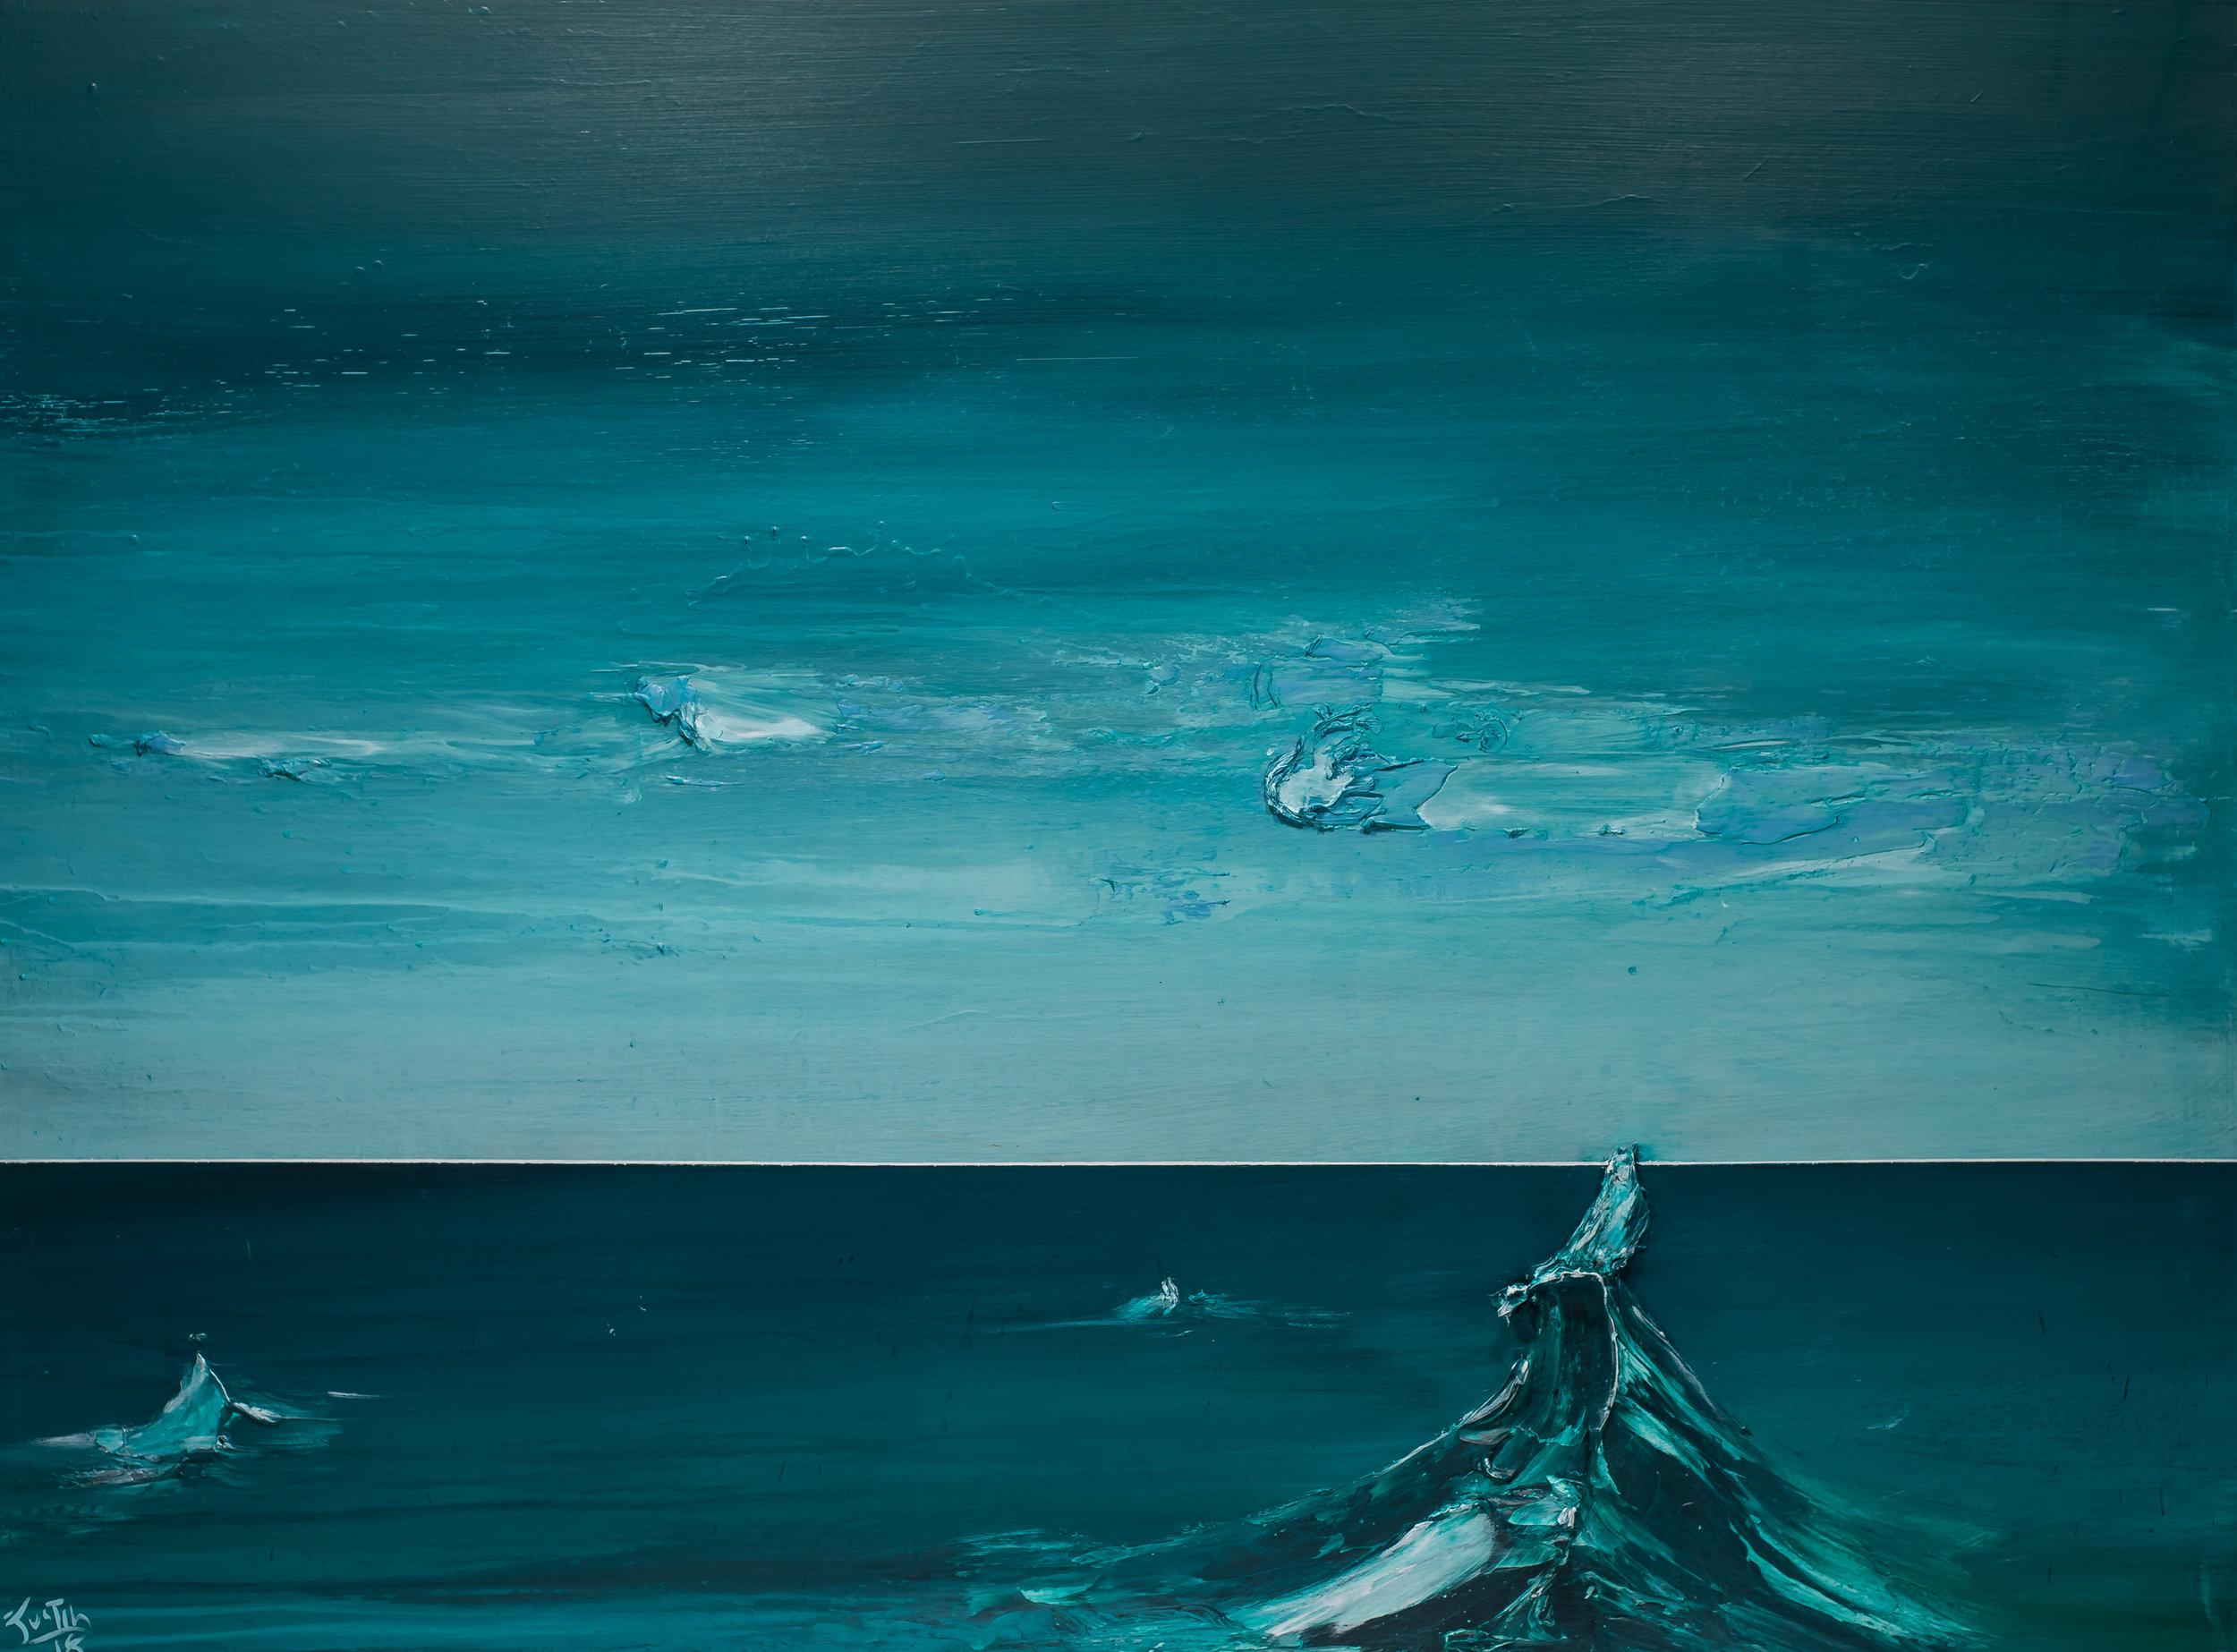 WAVE SERIES 13